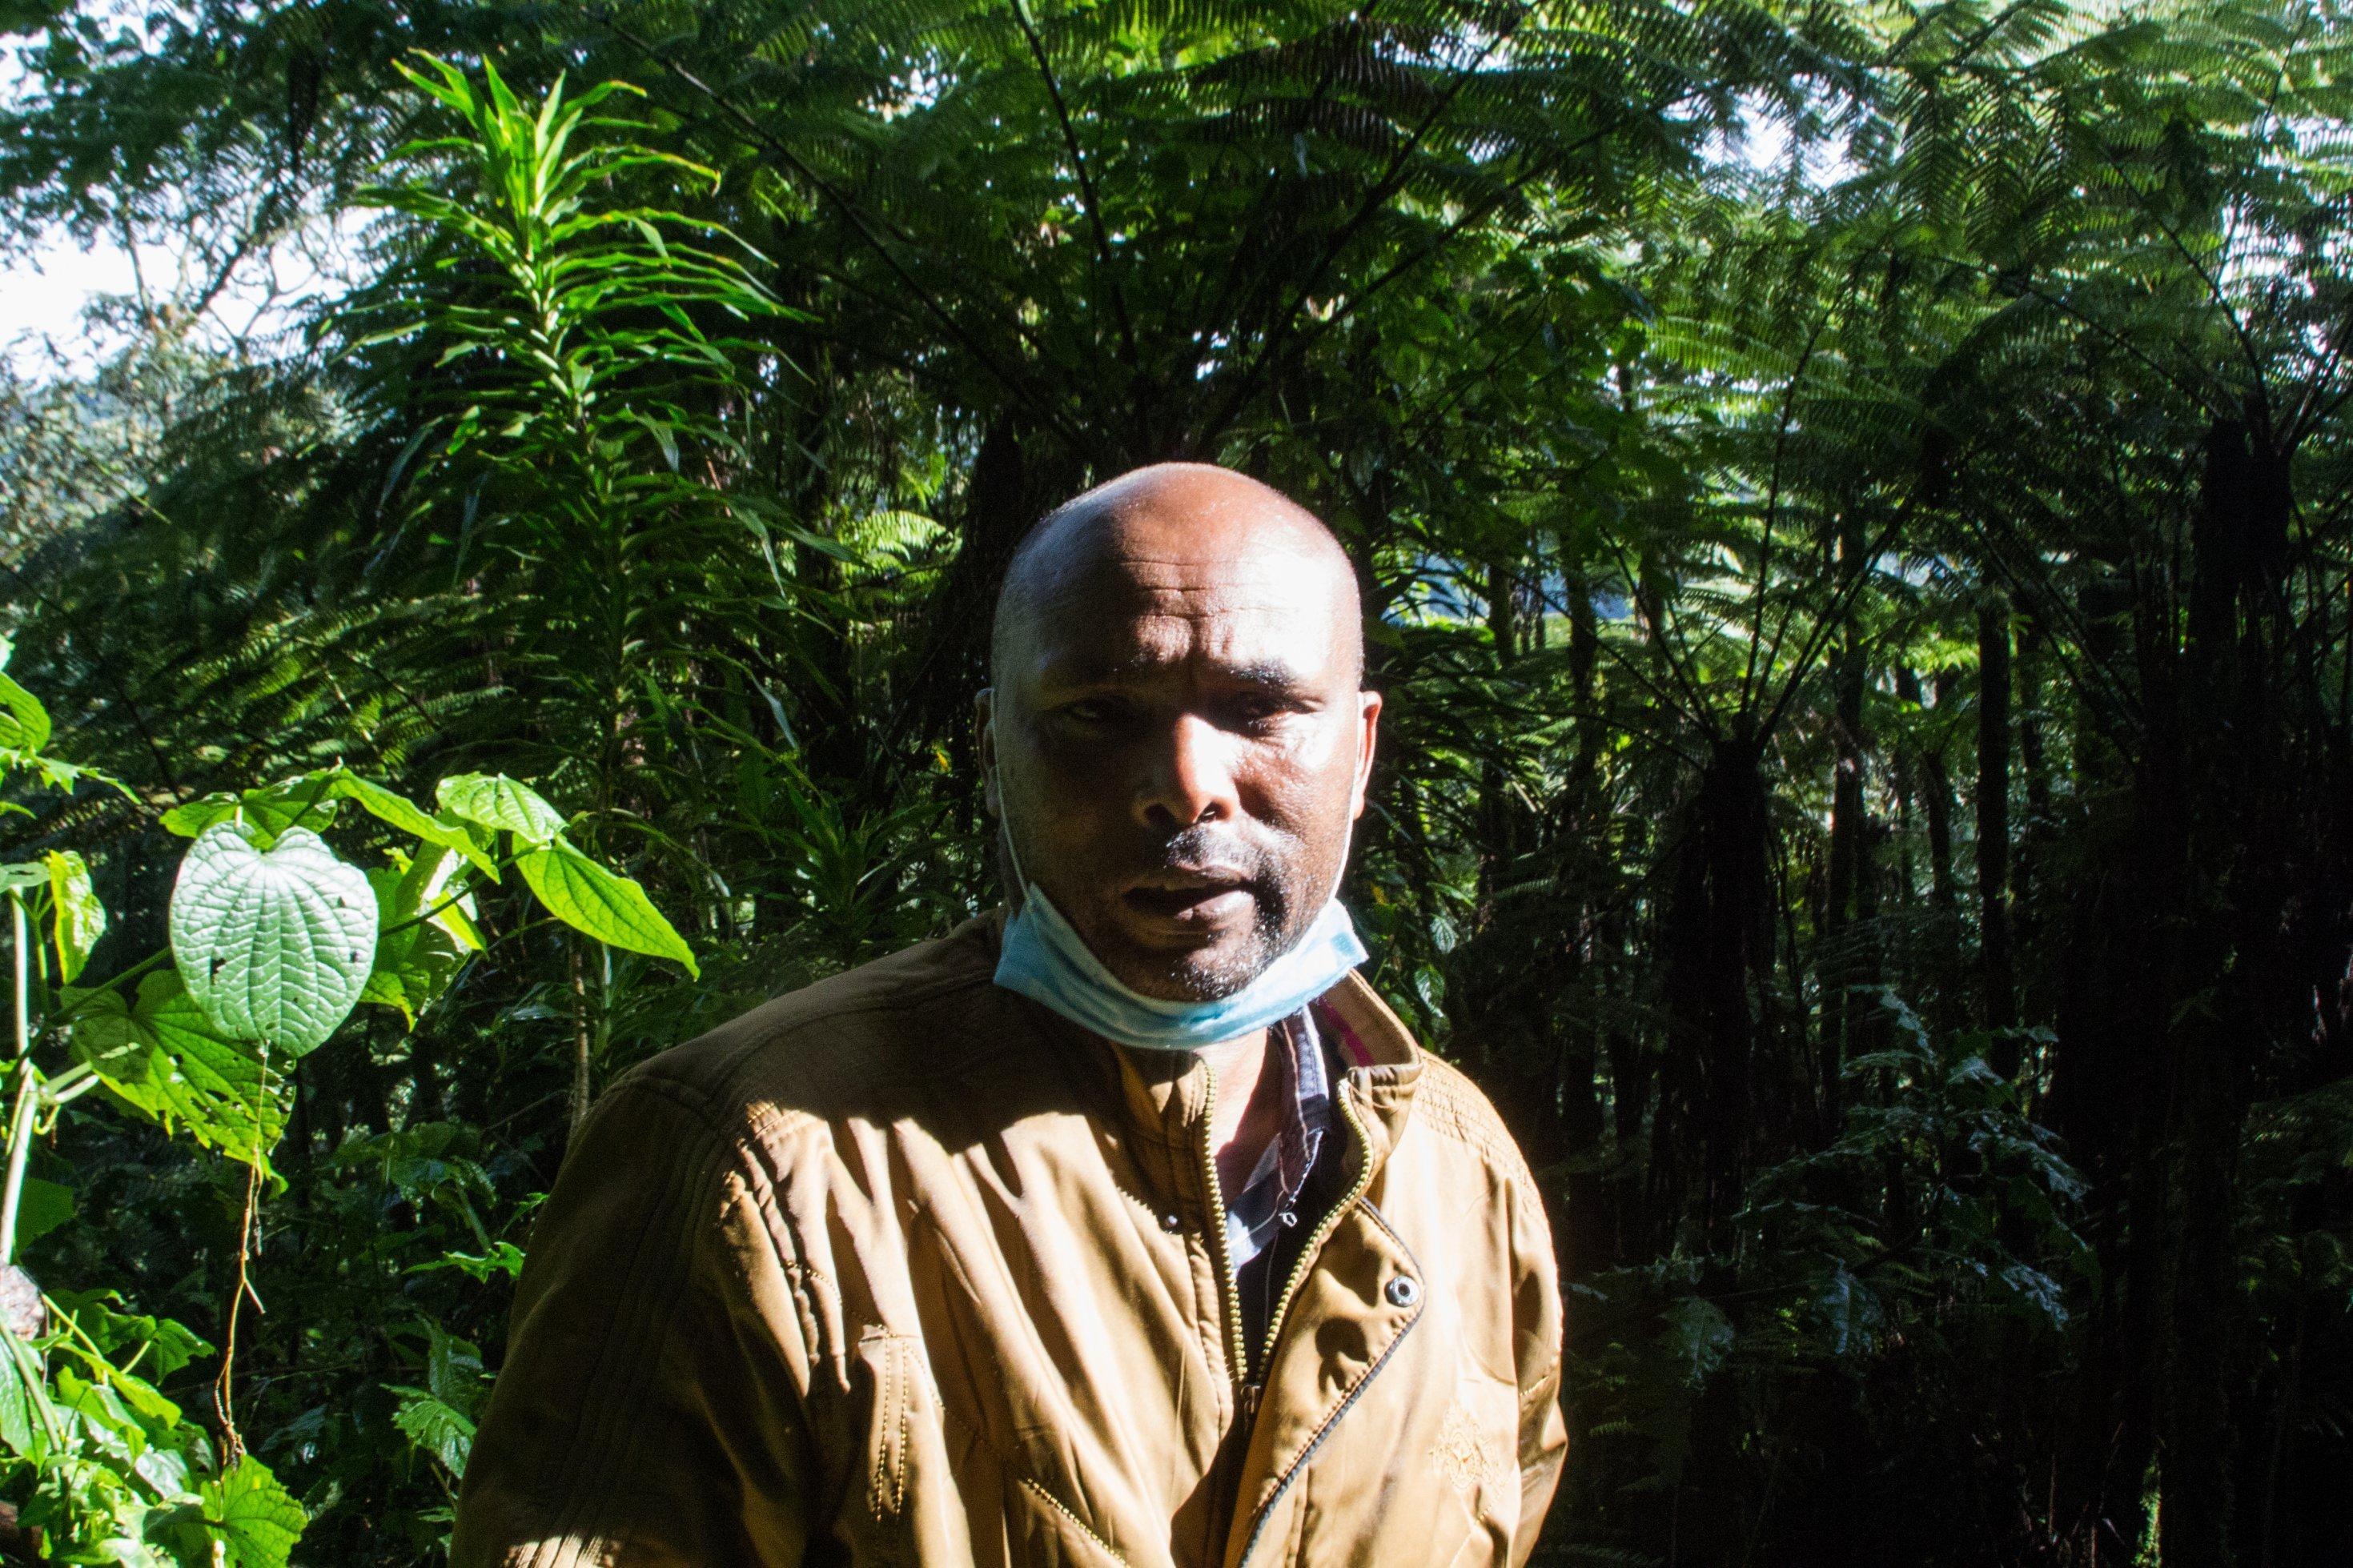 John Mutai im Sonnenlicht, im Hintergrund der Regenwald zu sehen.